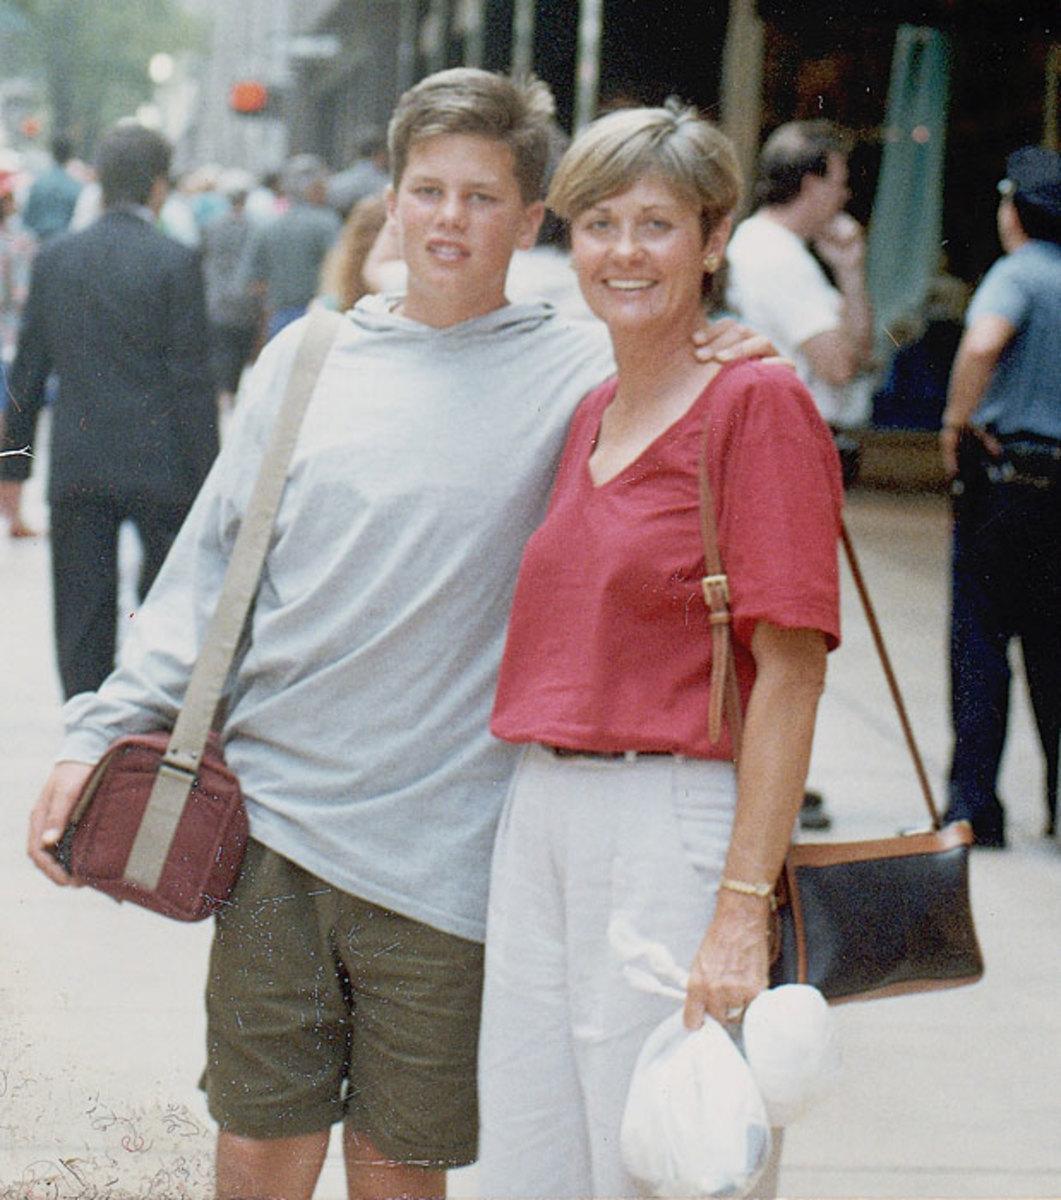 Tom and Galynn Brady